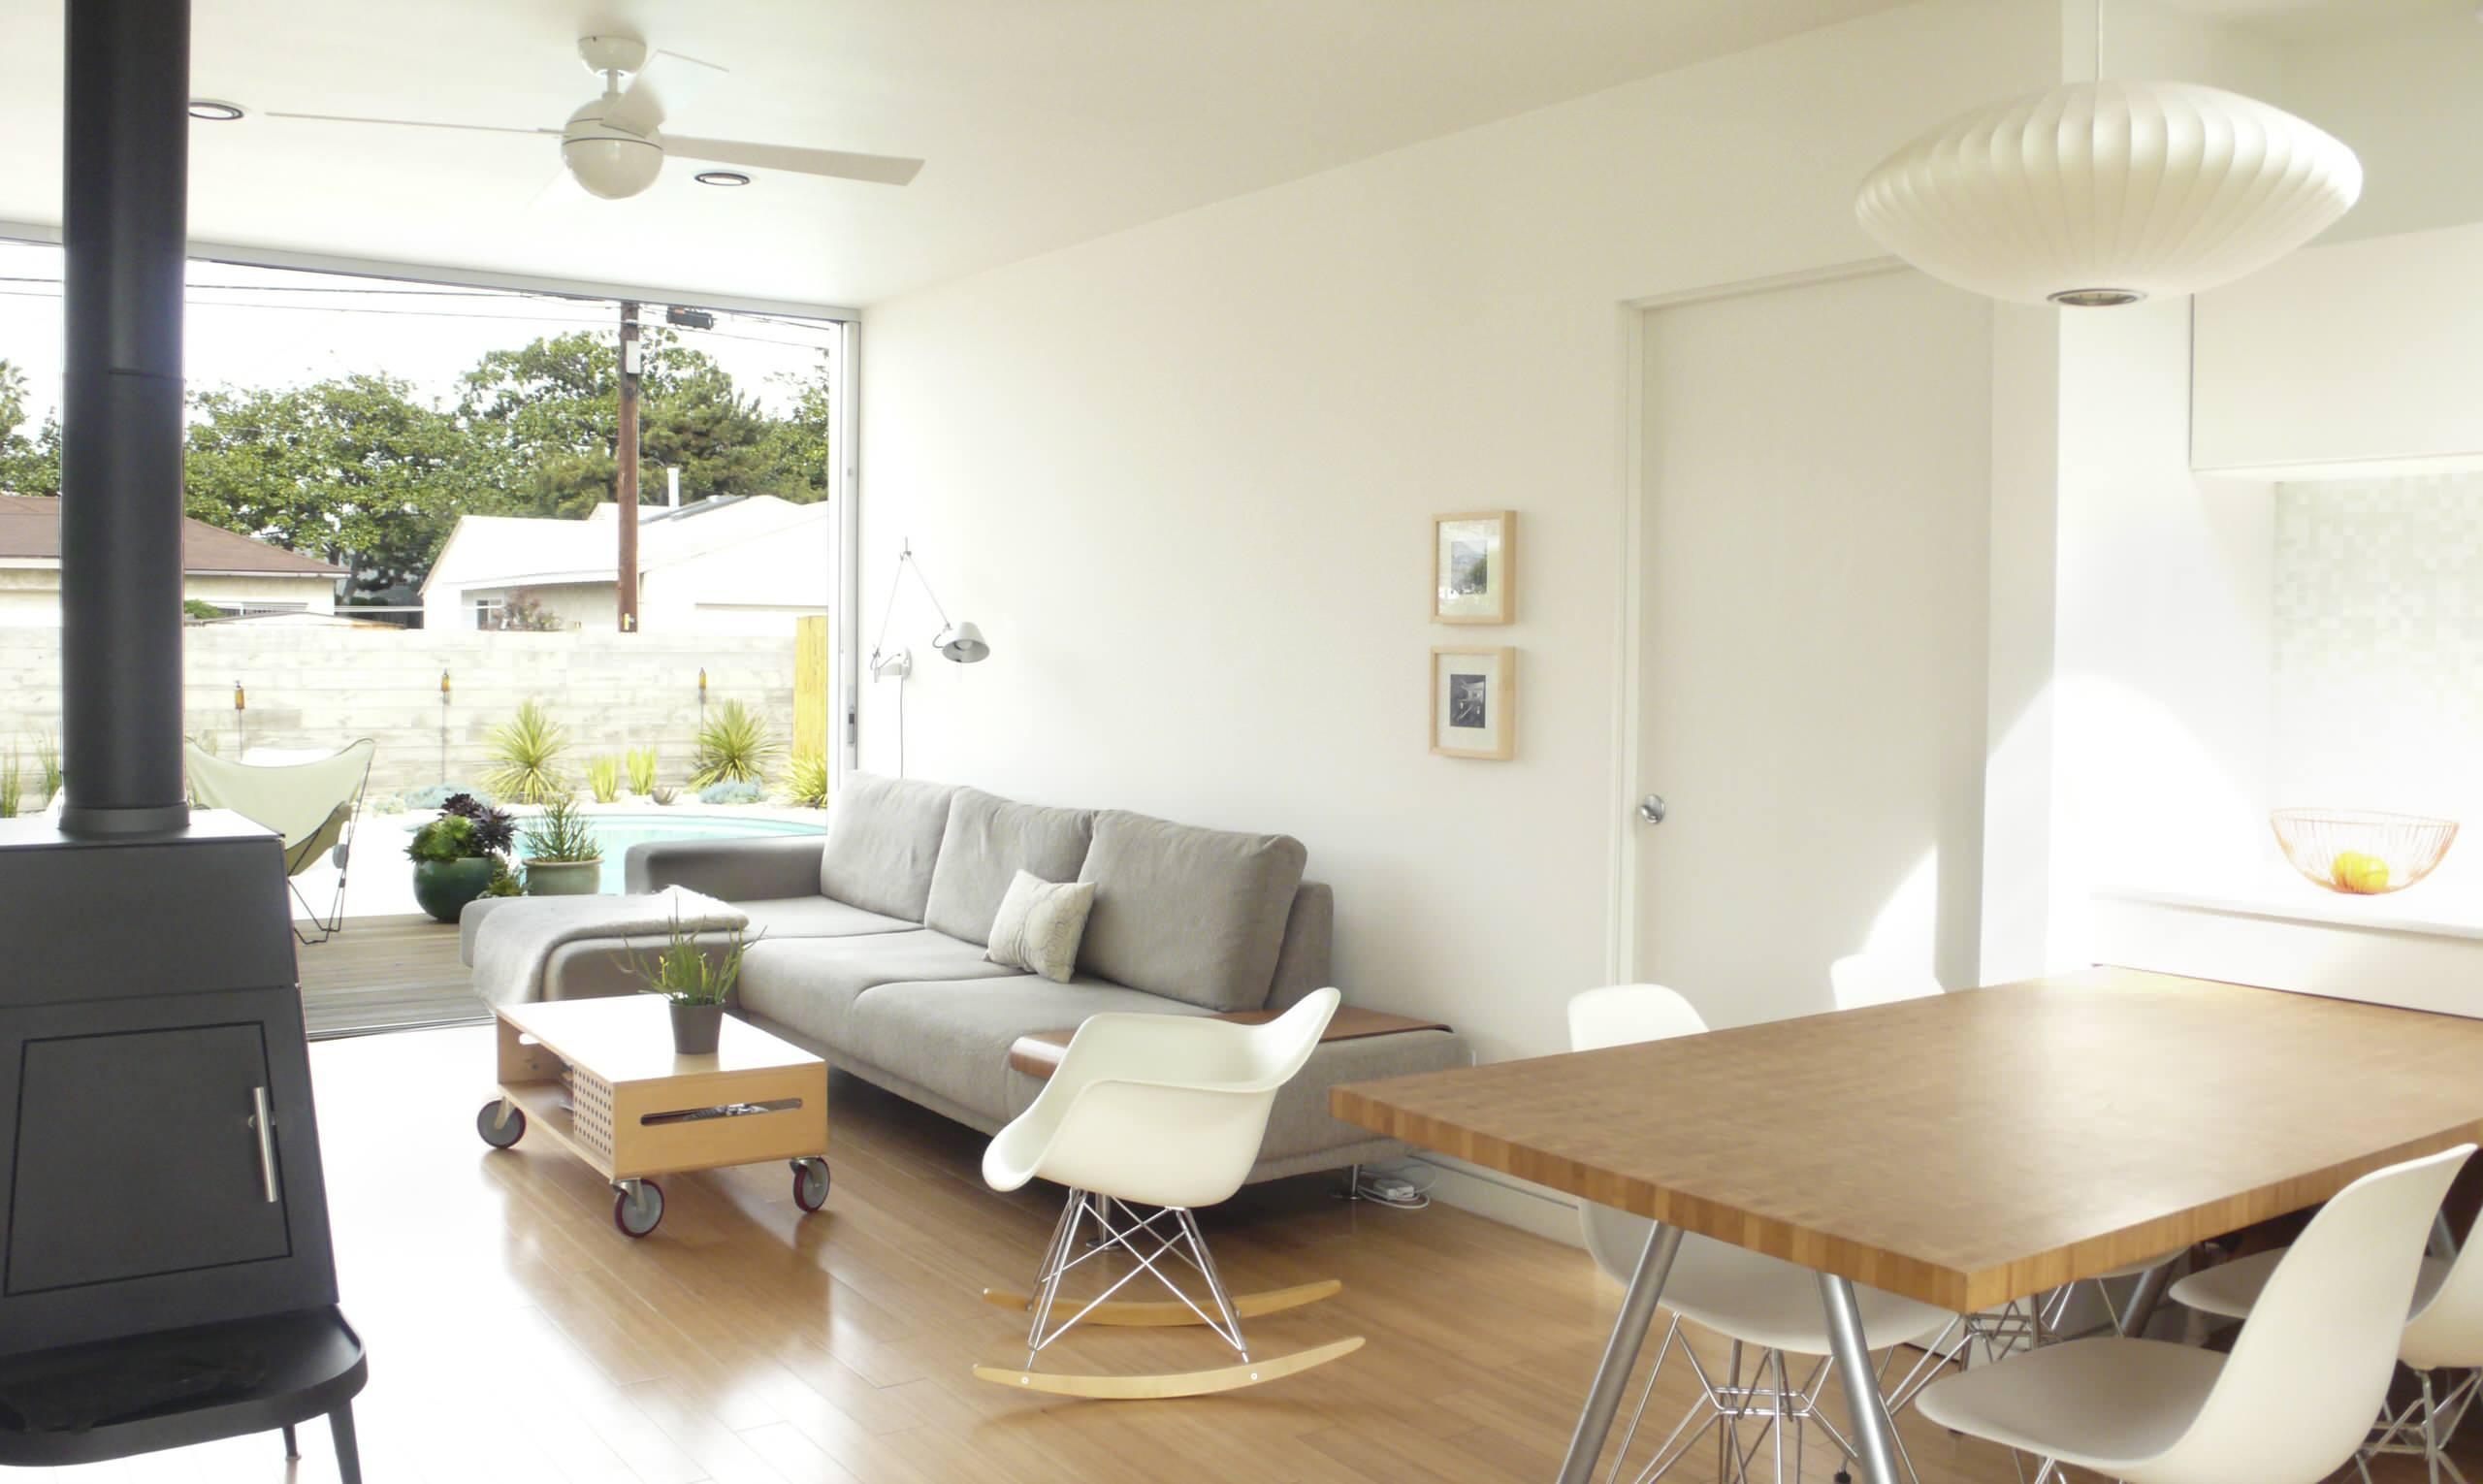 Casas modernas ideias dicas fachadas e projetos 80 fotos for Casa moderna 44 belvedere